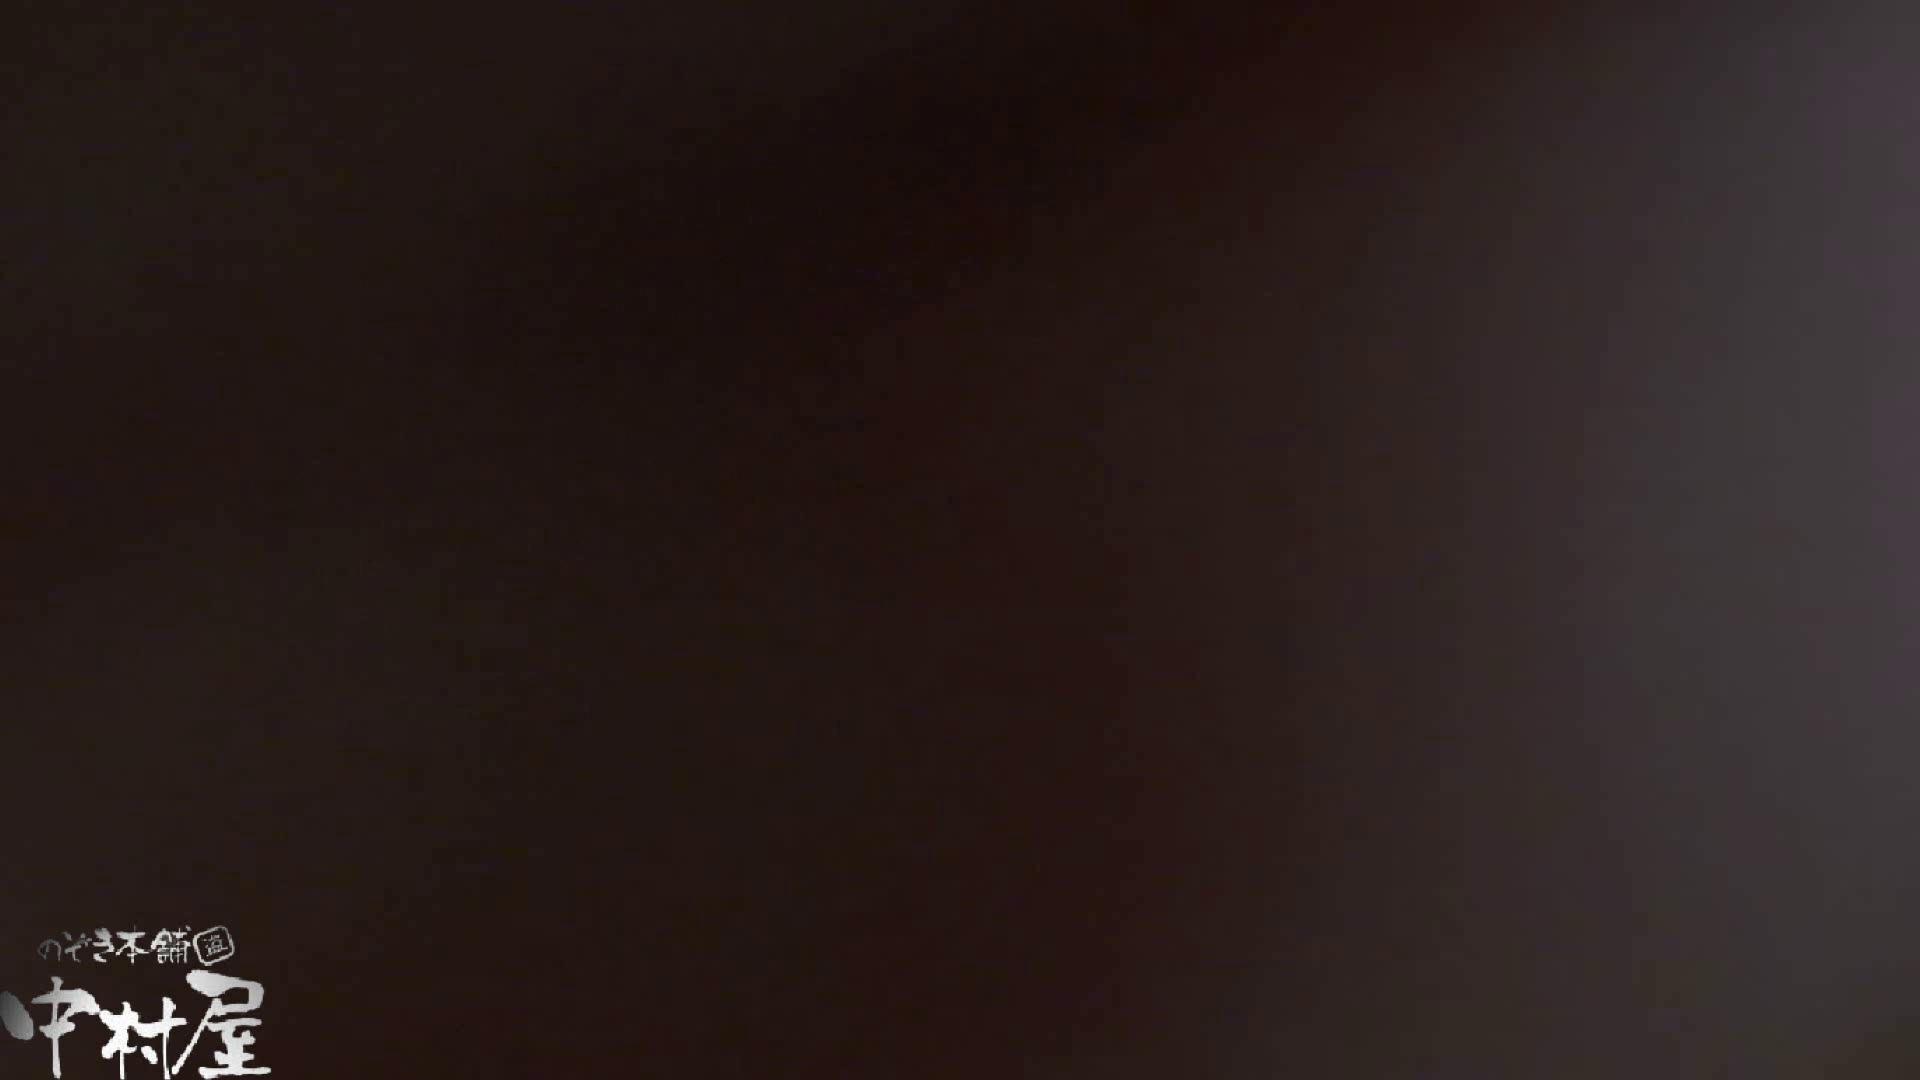 魂のかわや盗撮62連発! ハイソックスギャルの・・・ 20発目! 盗撮 | ギャルのエロ生活  52連発 22